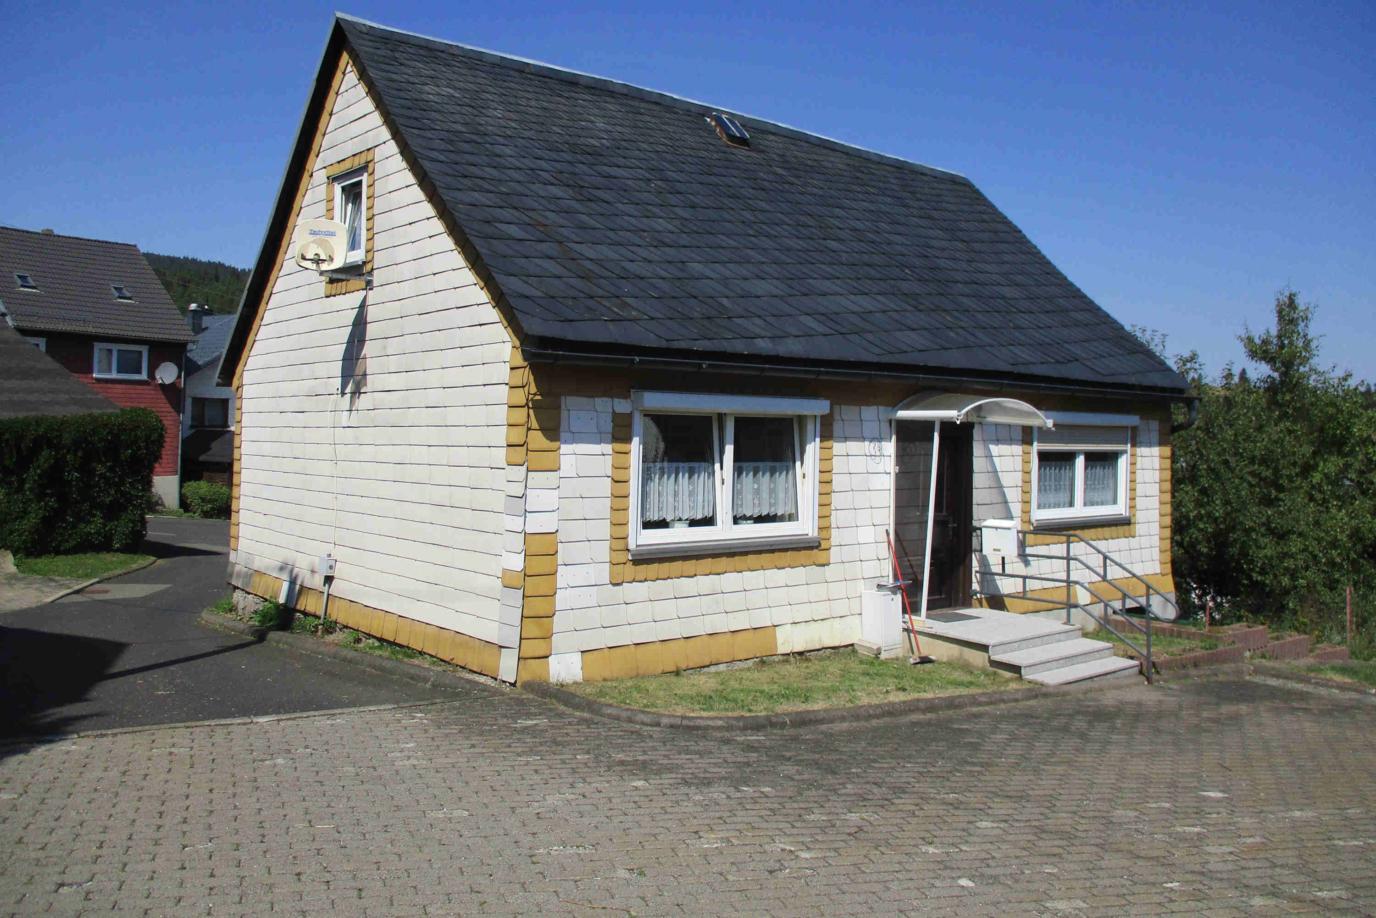 bezugsfertiges kleines Wohnhaus in der Dorfmitte